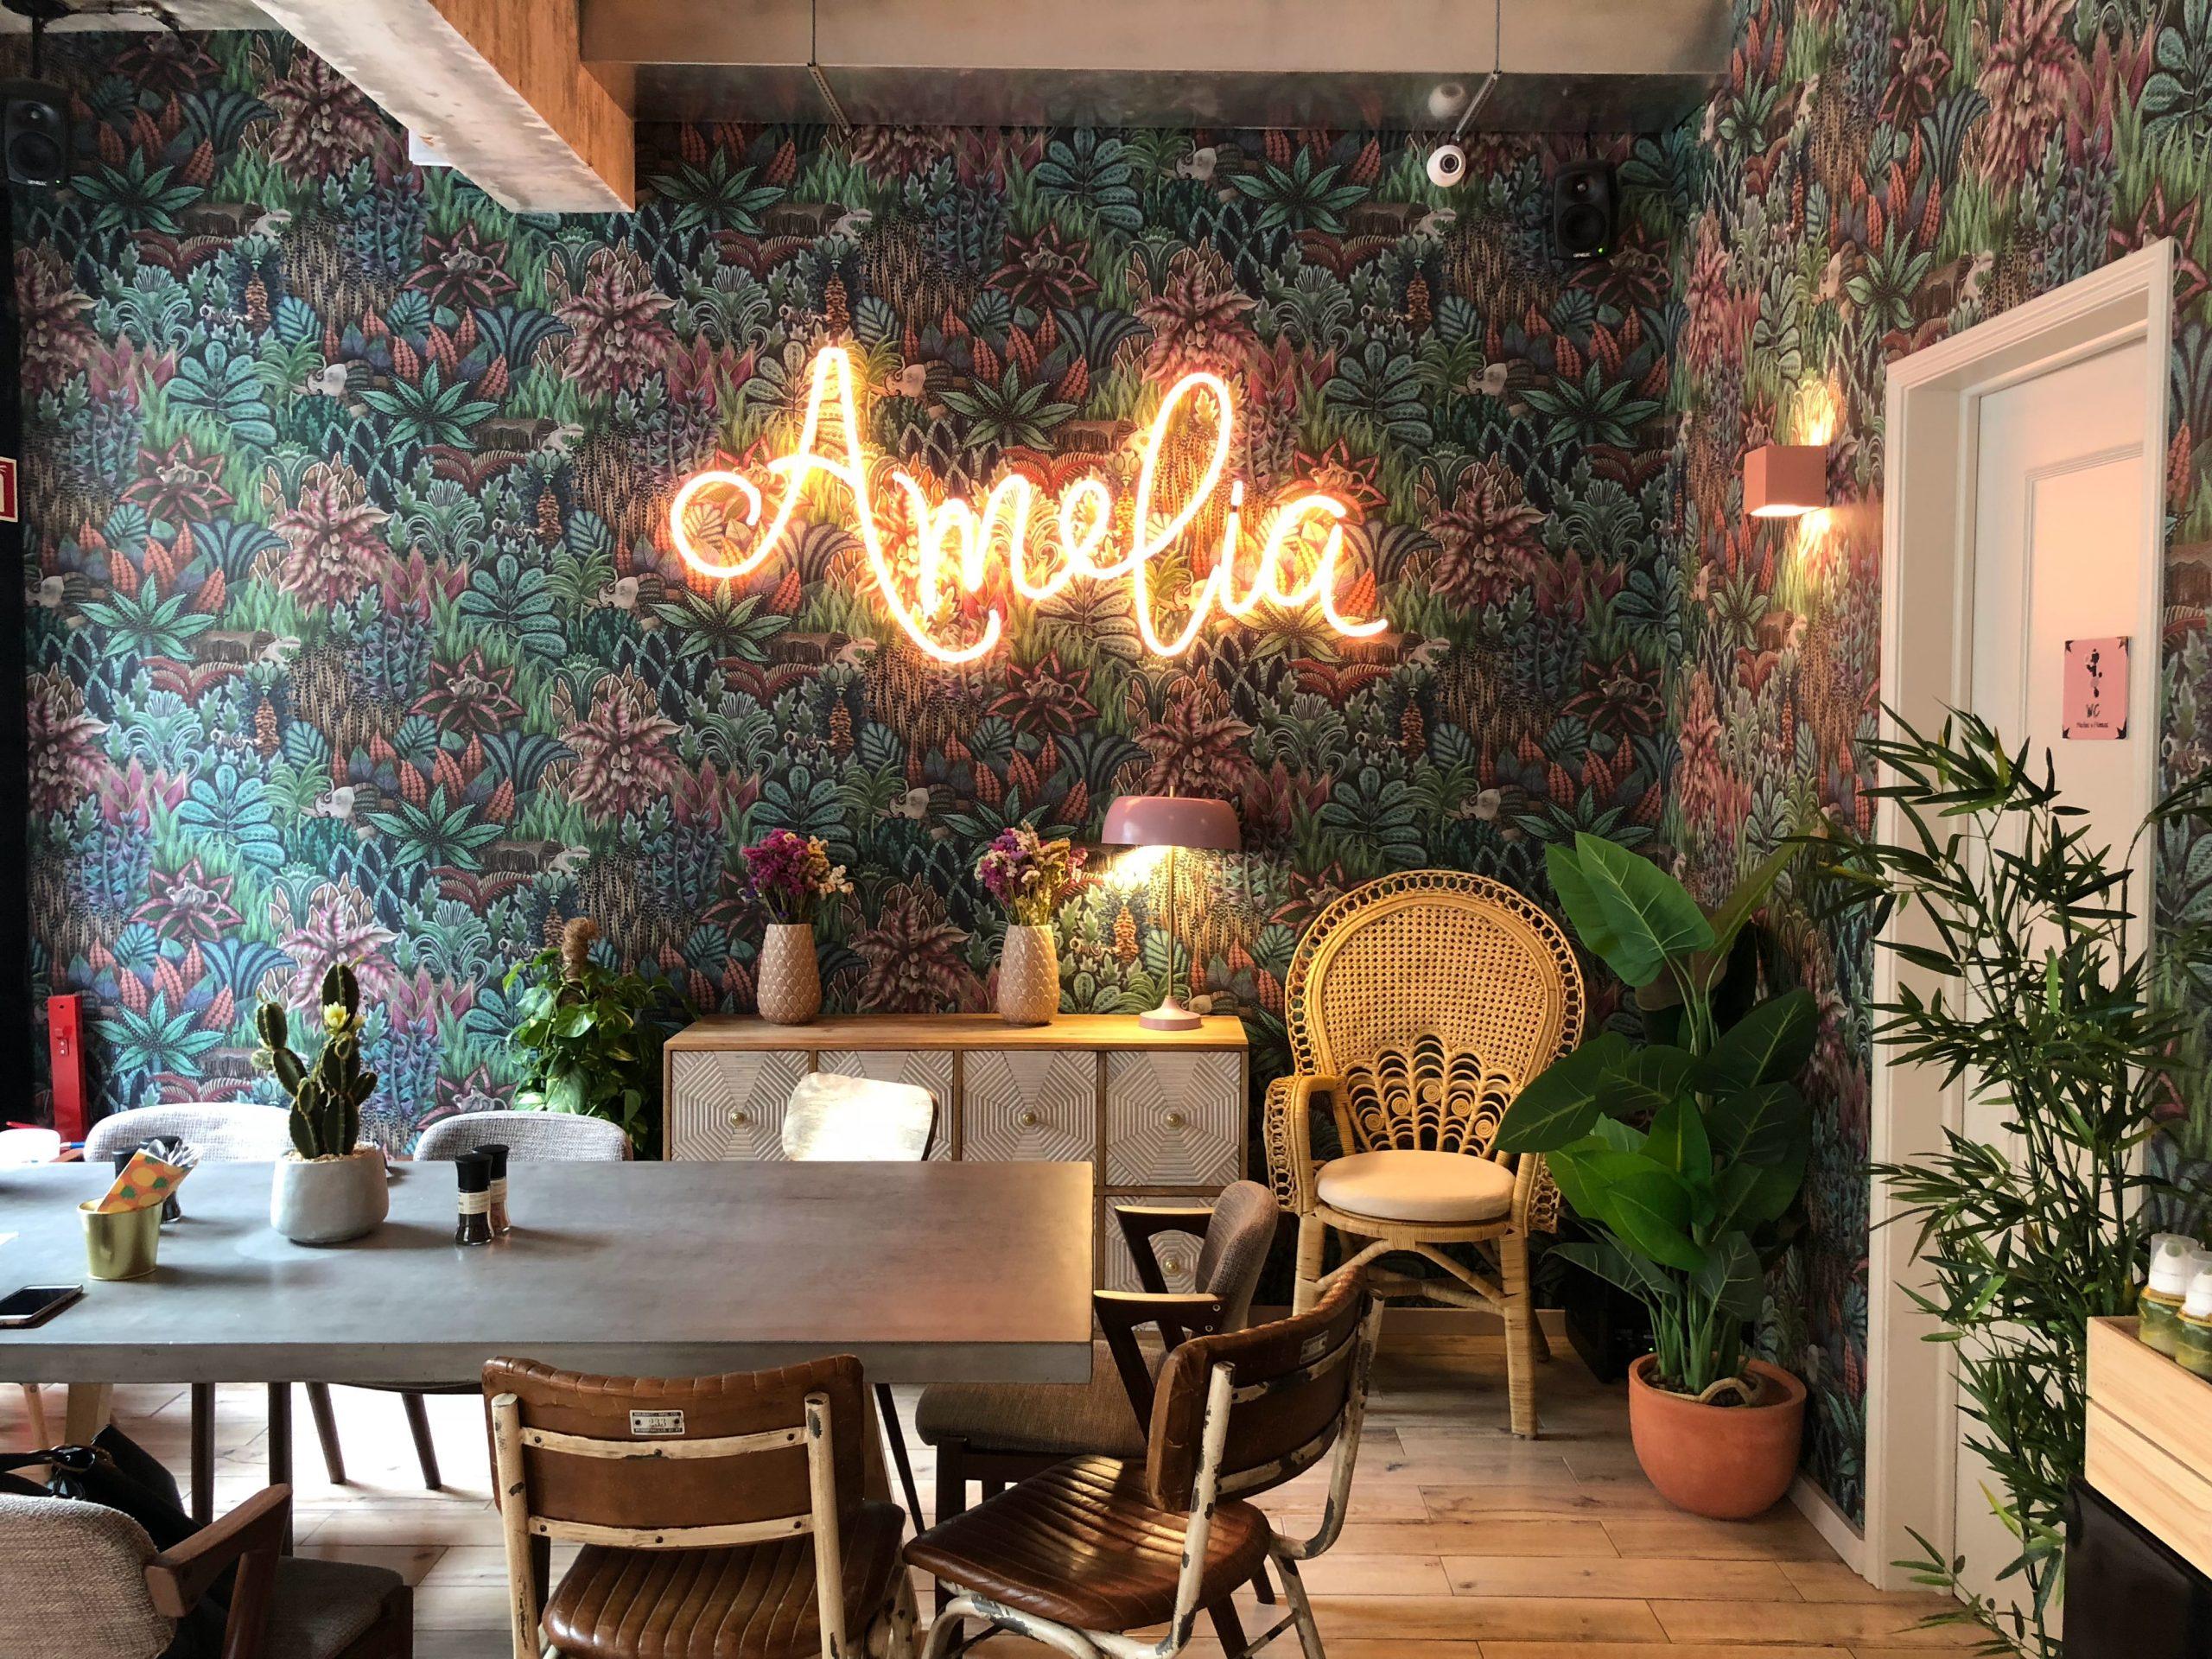 Les néons comme décoration :